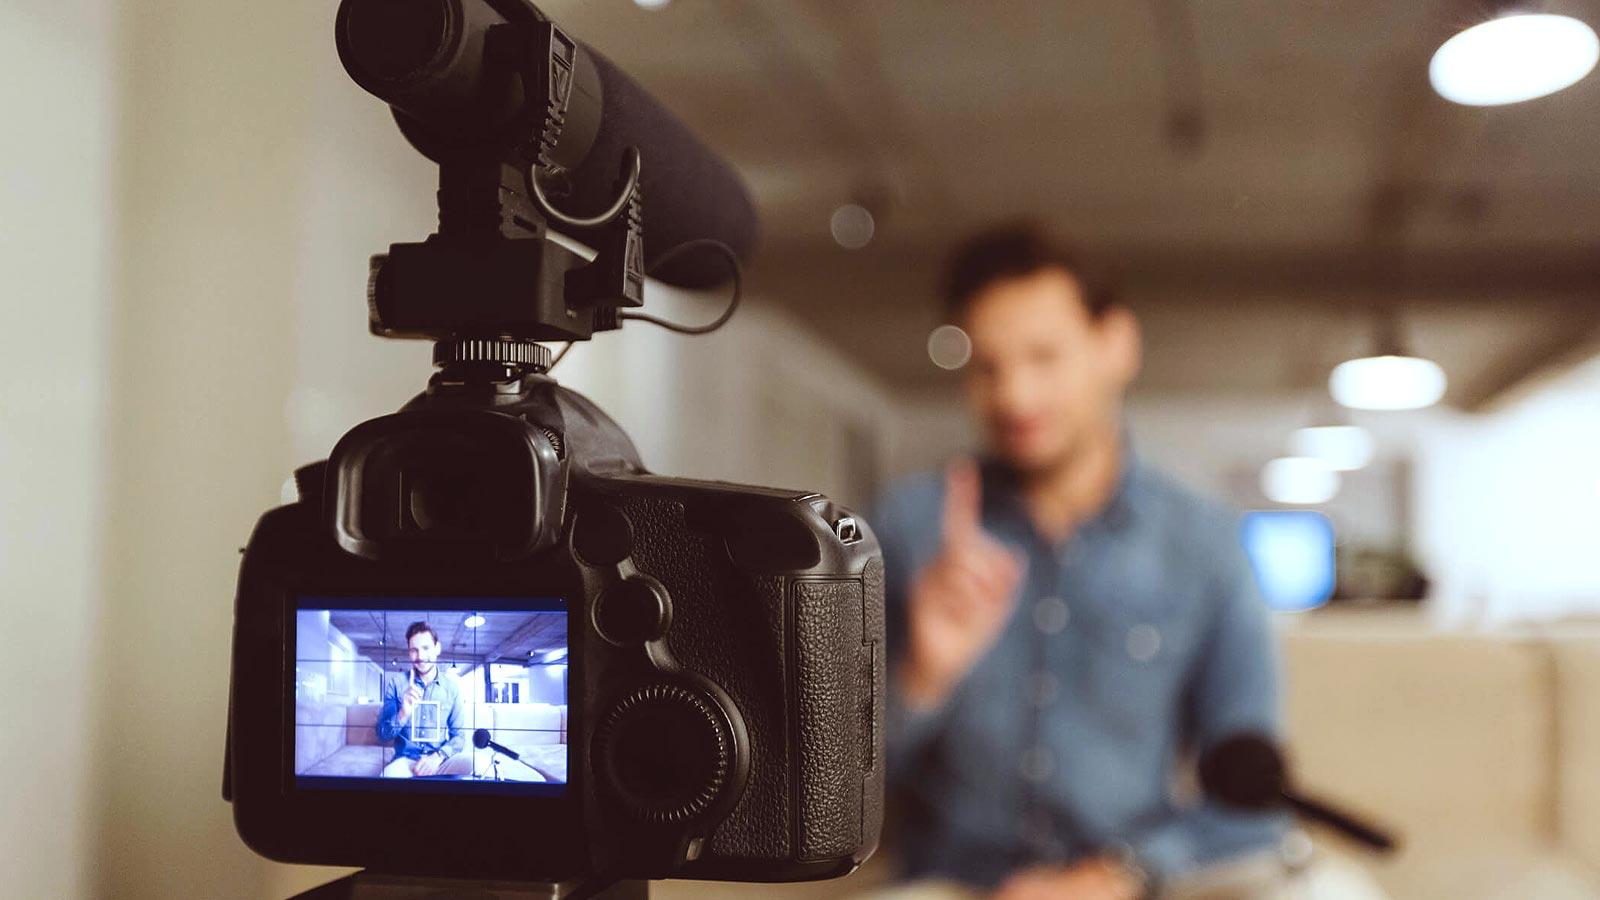 saiba como engajar seu publico com videos no facebook 1b dumela filmes - Saiba como engajar seu público com vídeos no Facebook